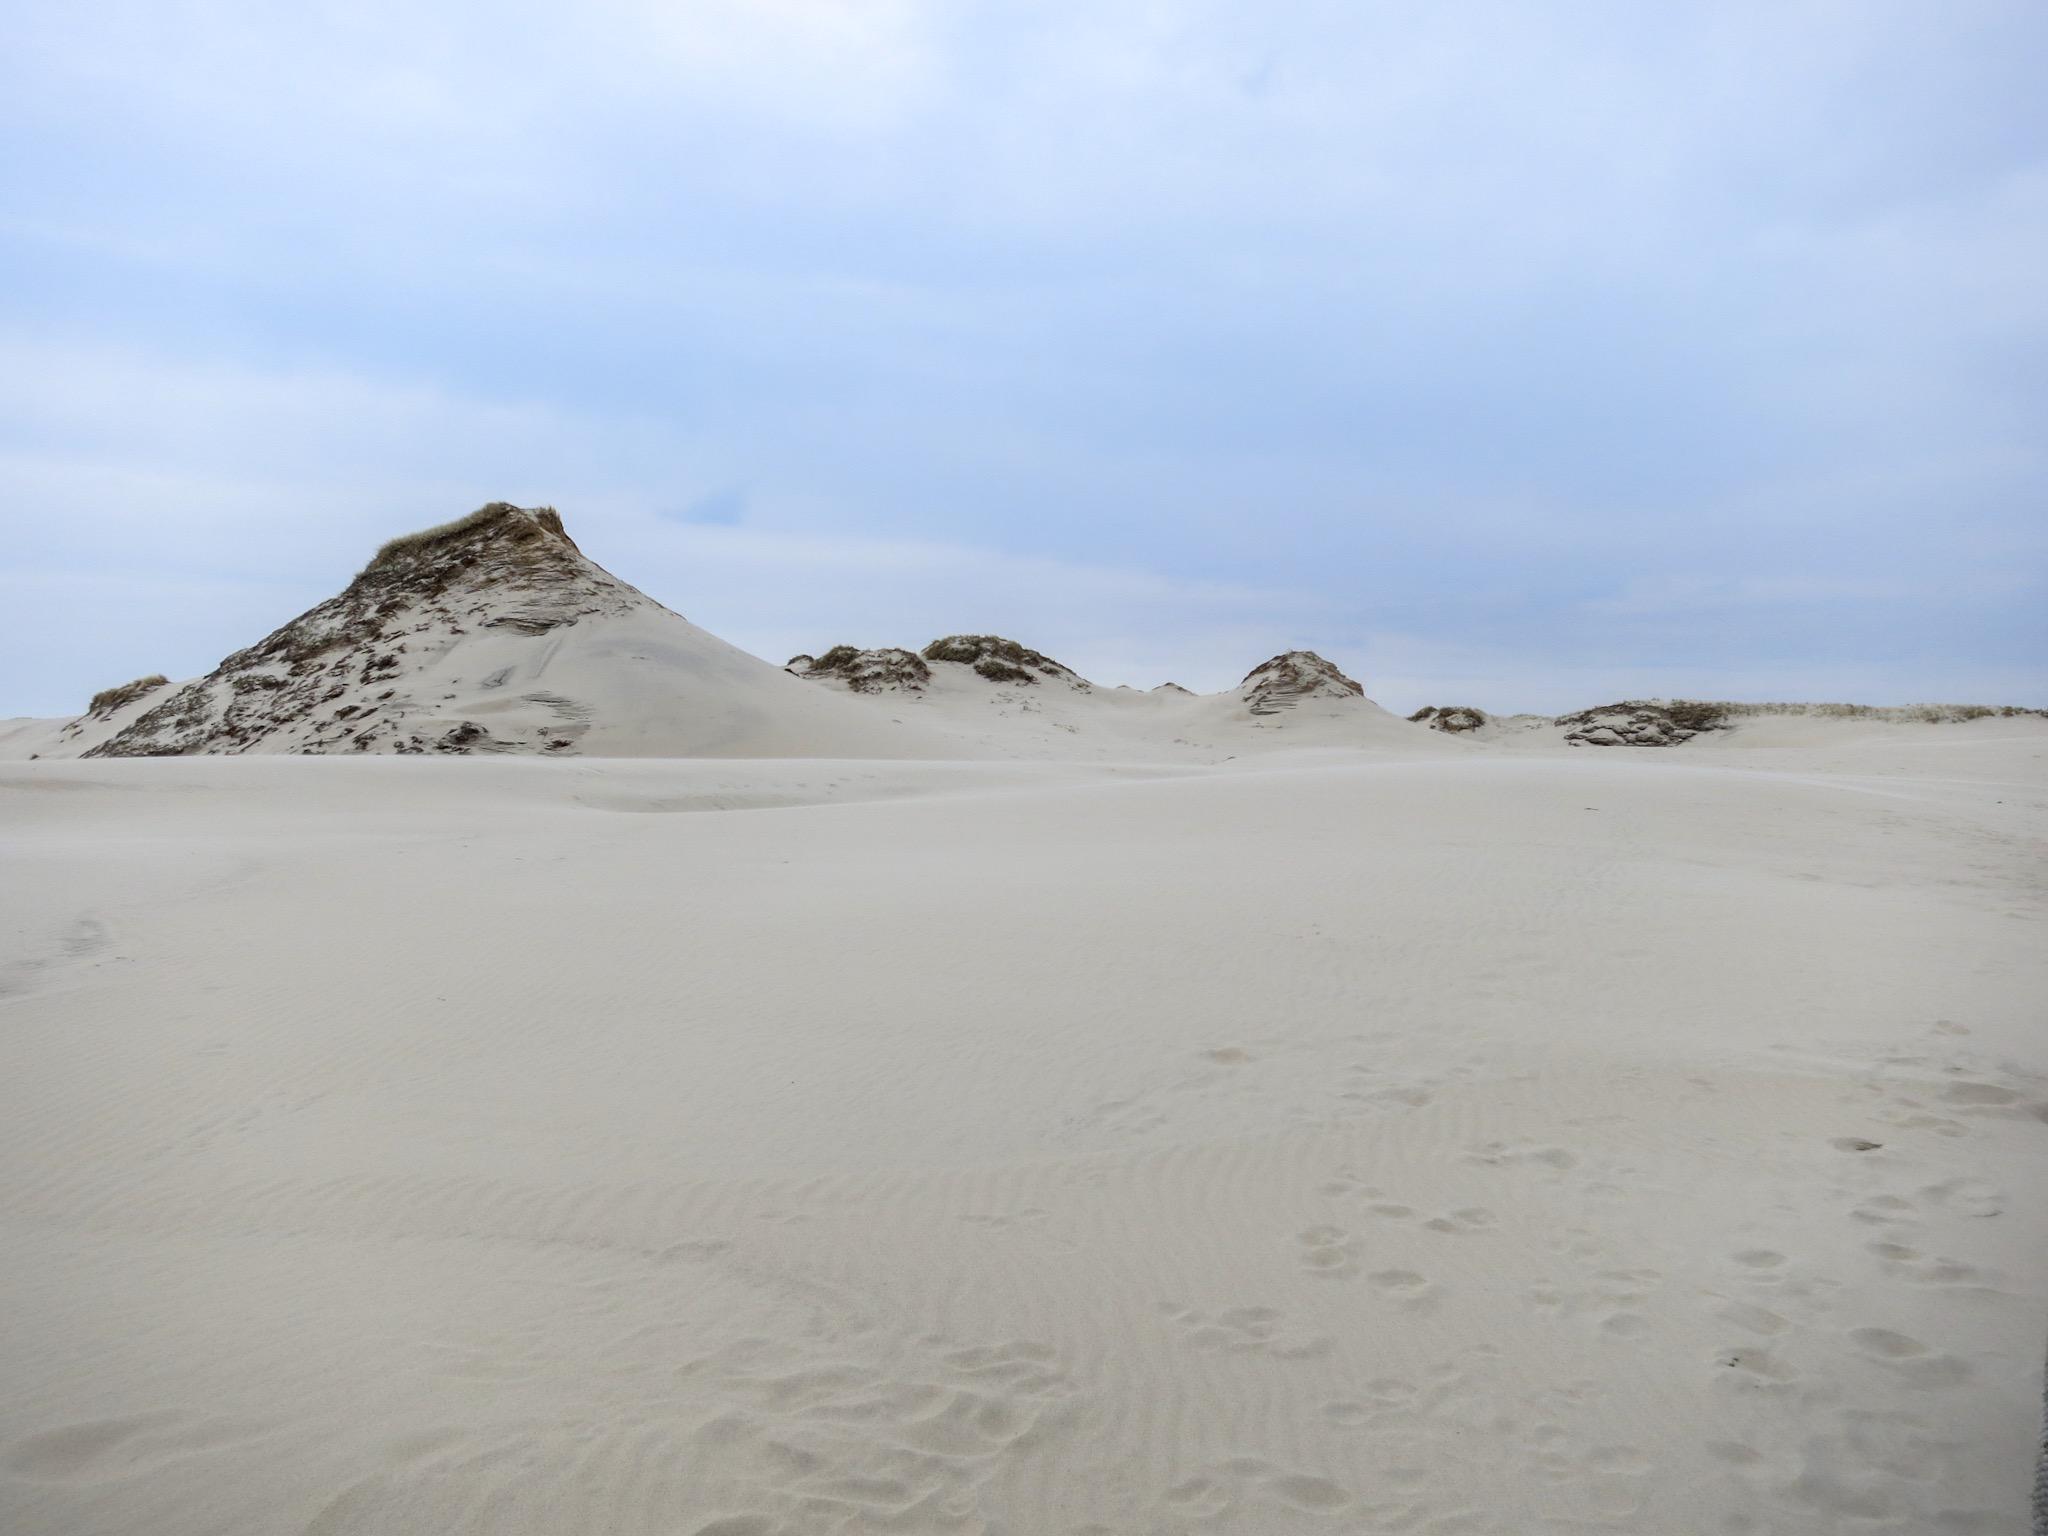 Hills on the Łackca Sand Dune In Słowiński National Park